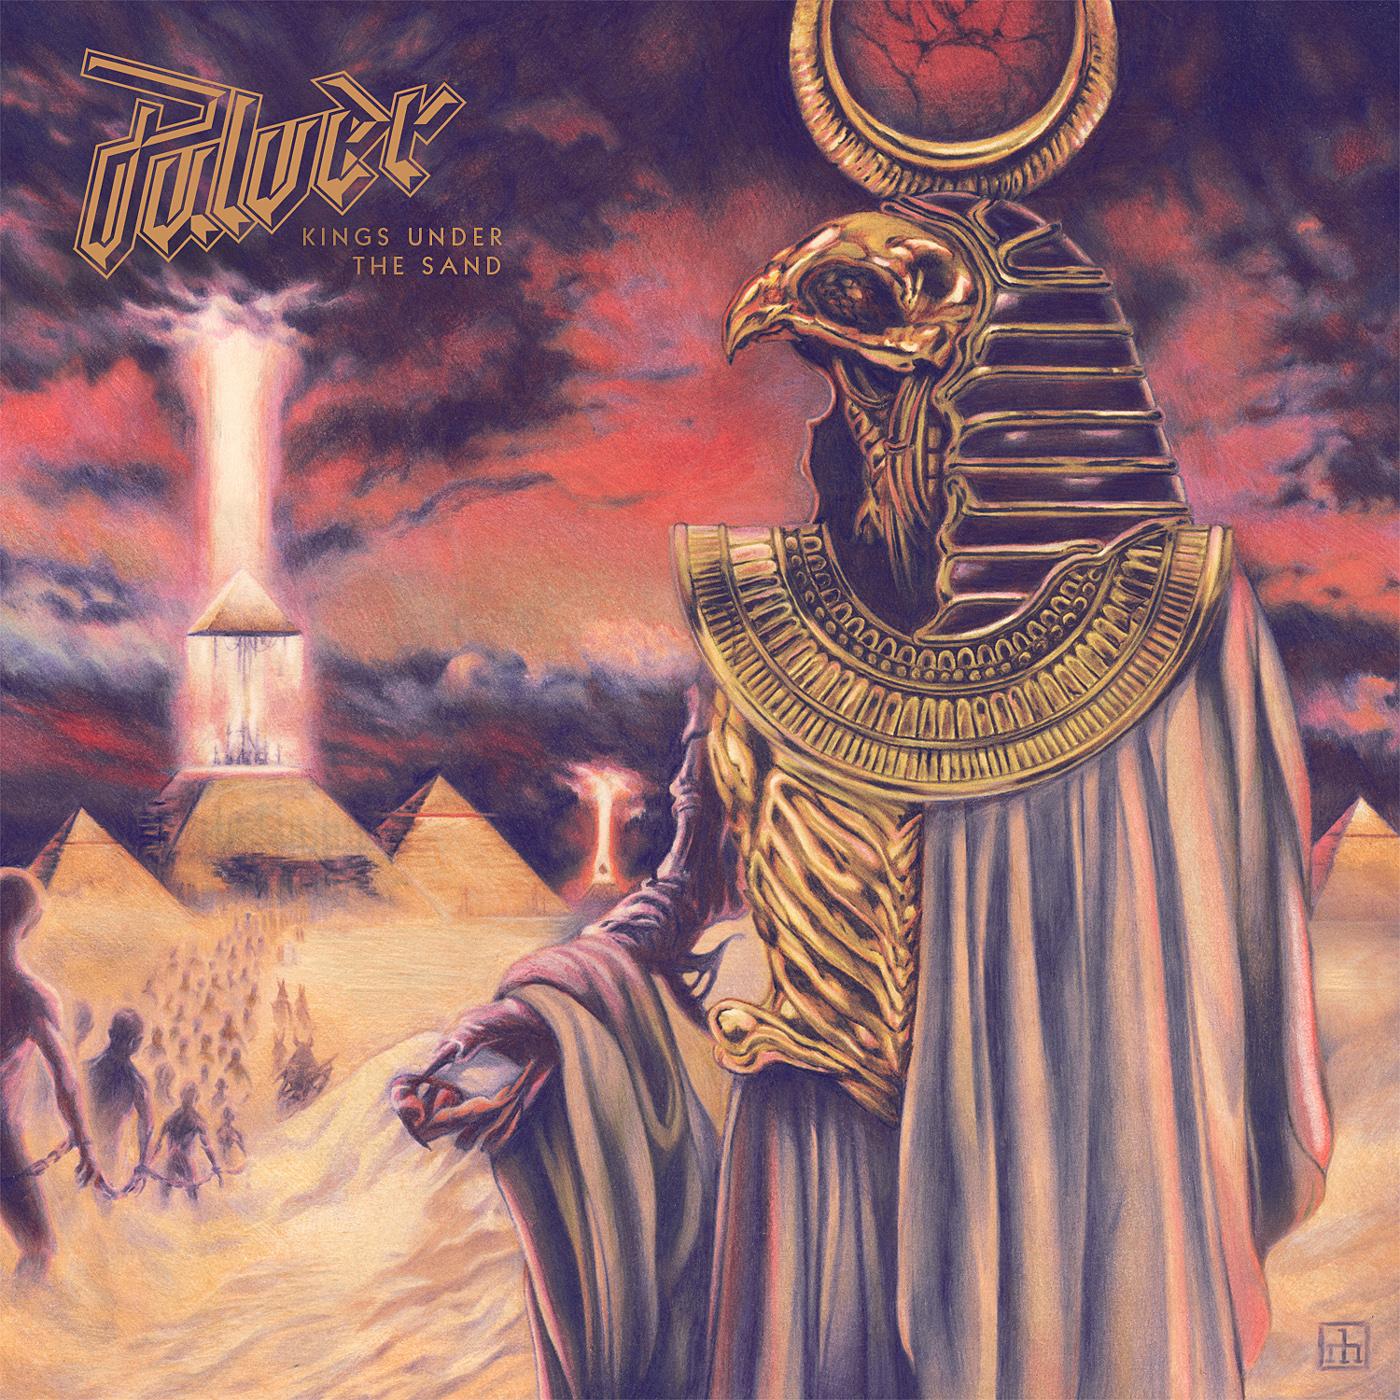 pulver-kings-under-the-sand-antike-geschichten-aus-aschaffenburg-album-review